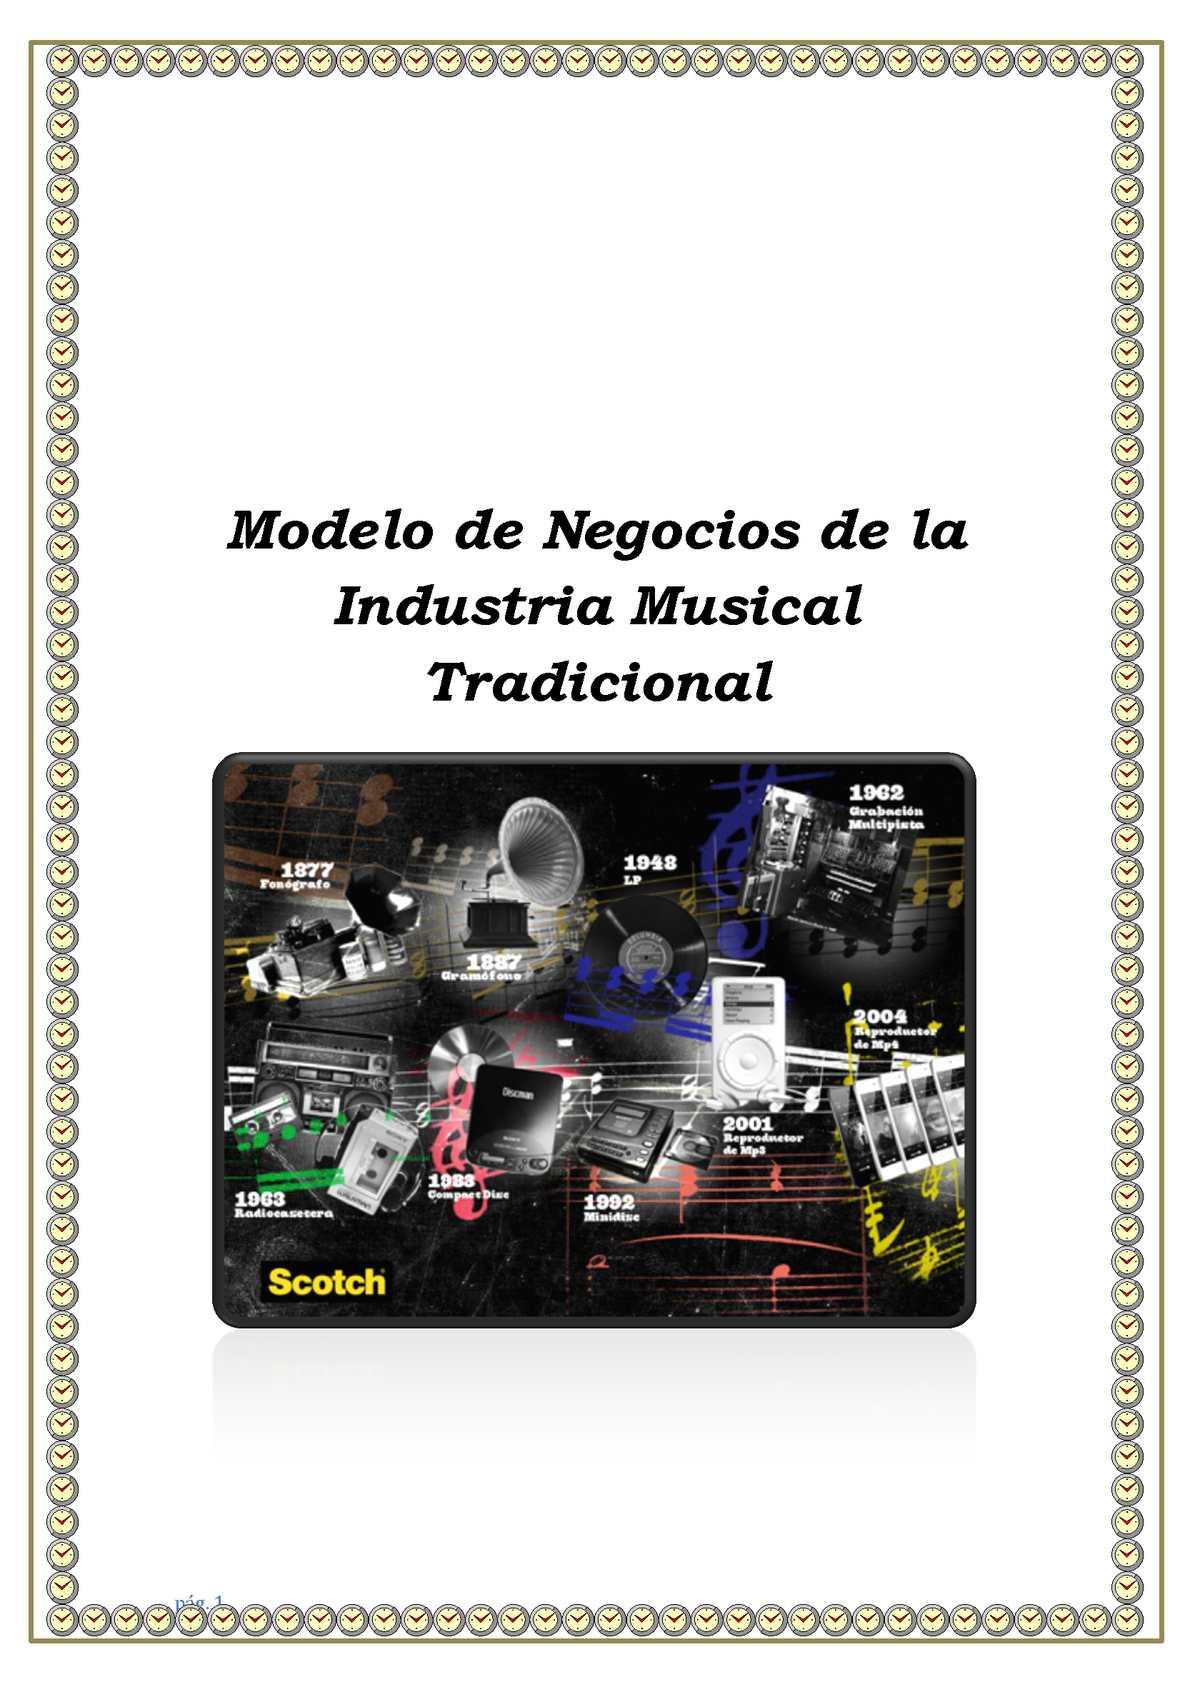 Modelo De Negocios De La Industria Musical Tradicional